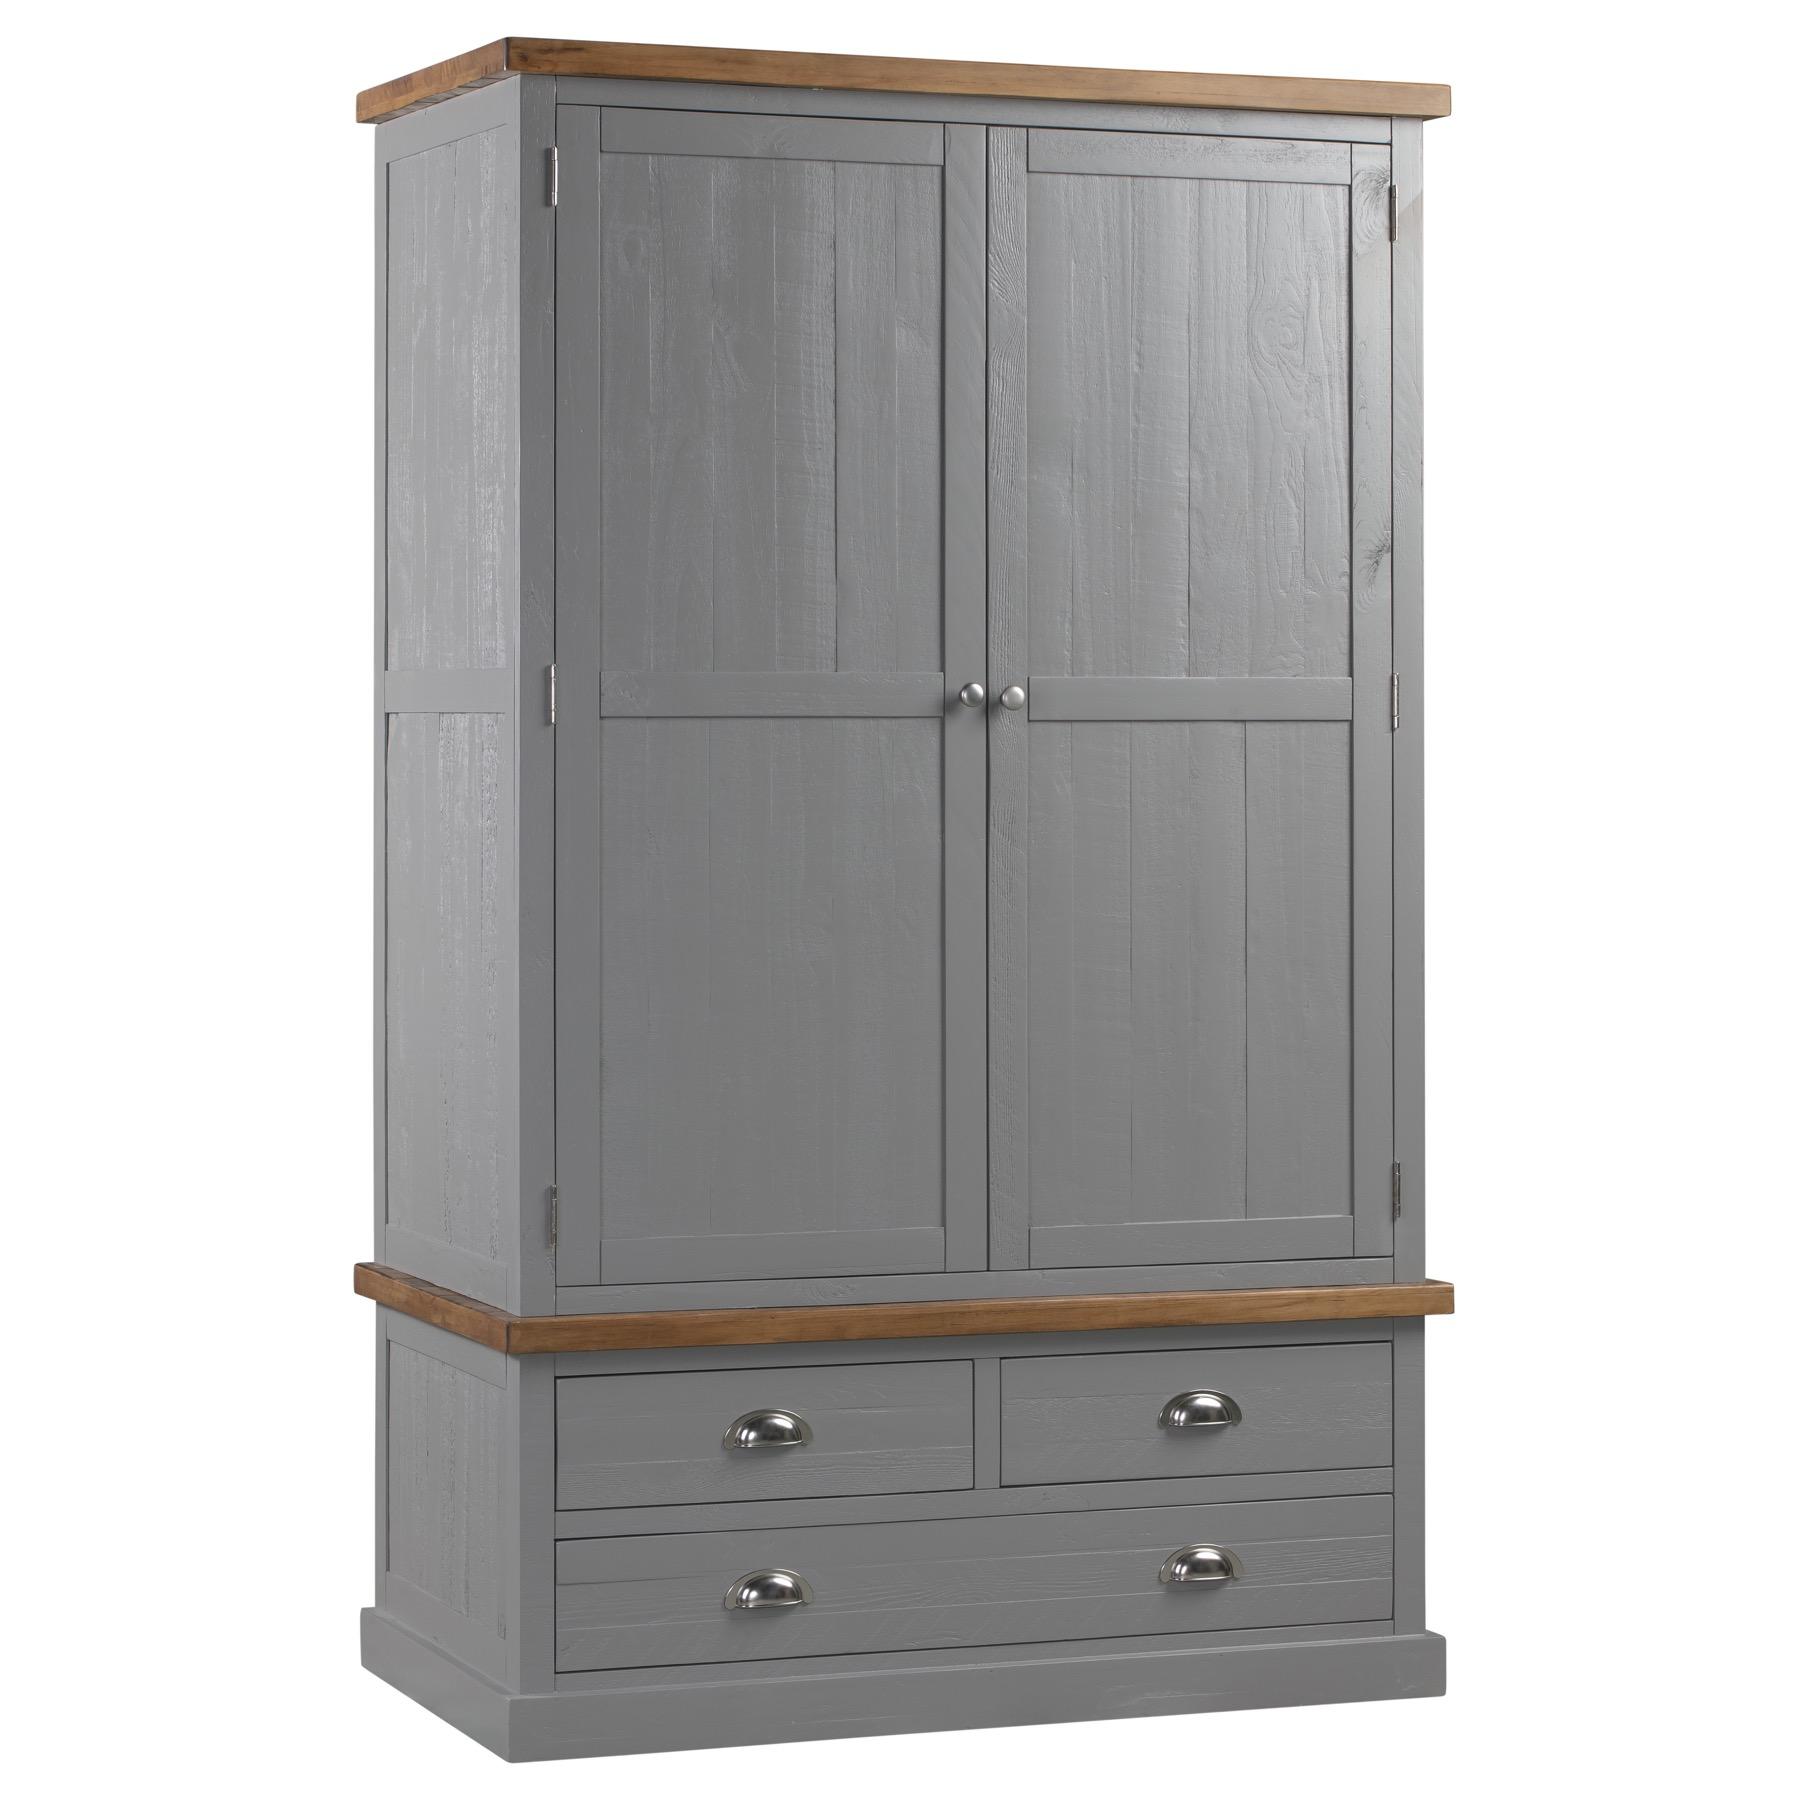 Large Grey Double Wardrobe - Wesminster Range